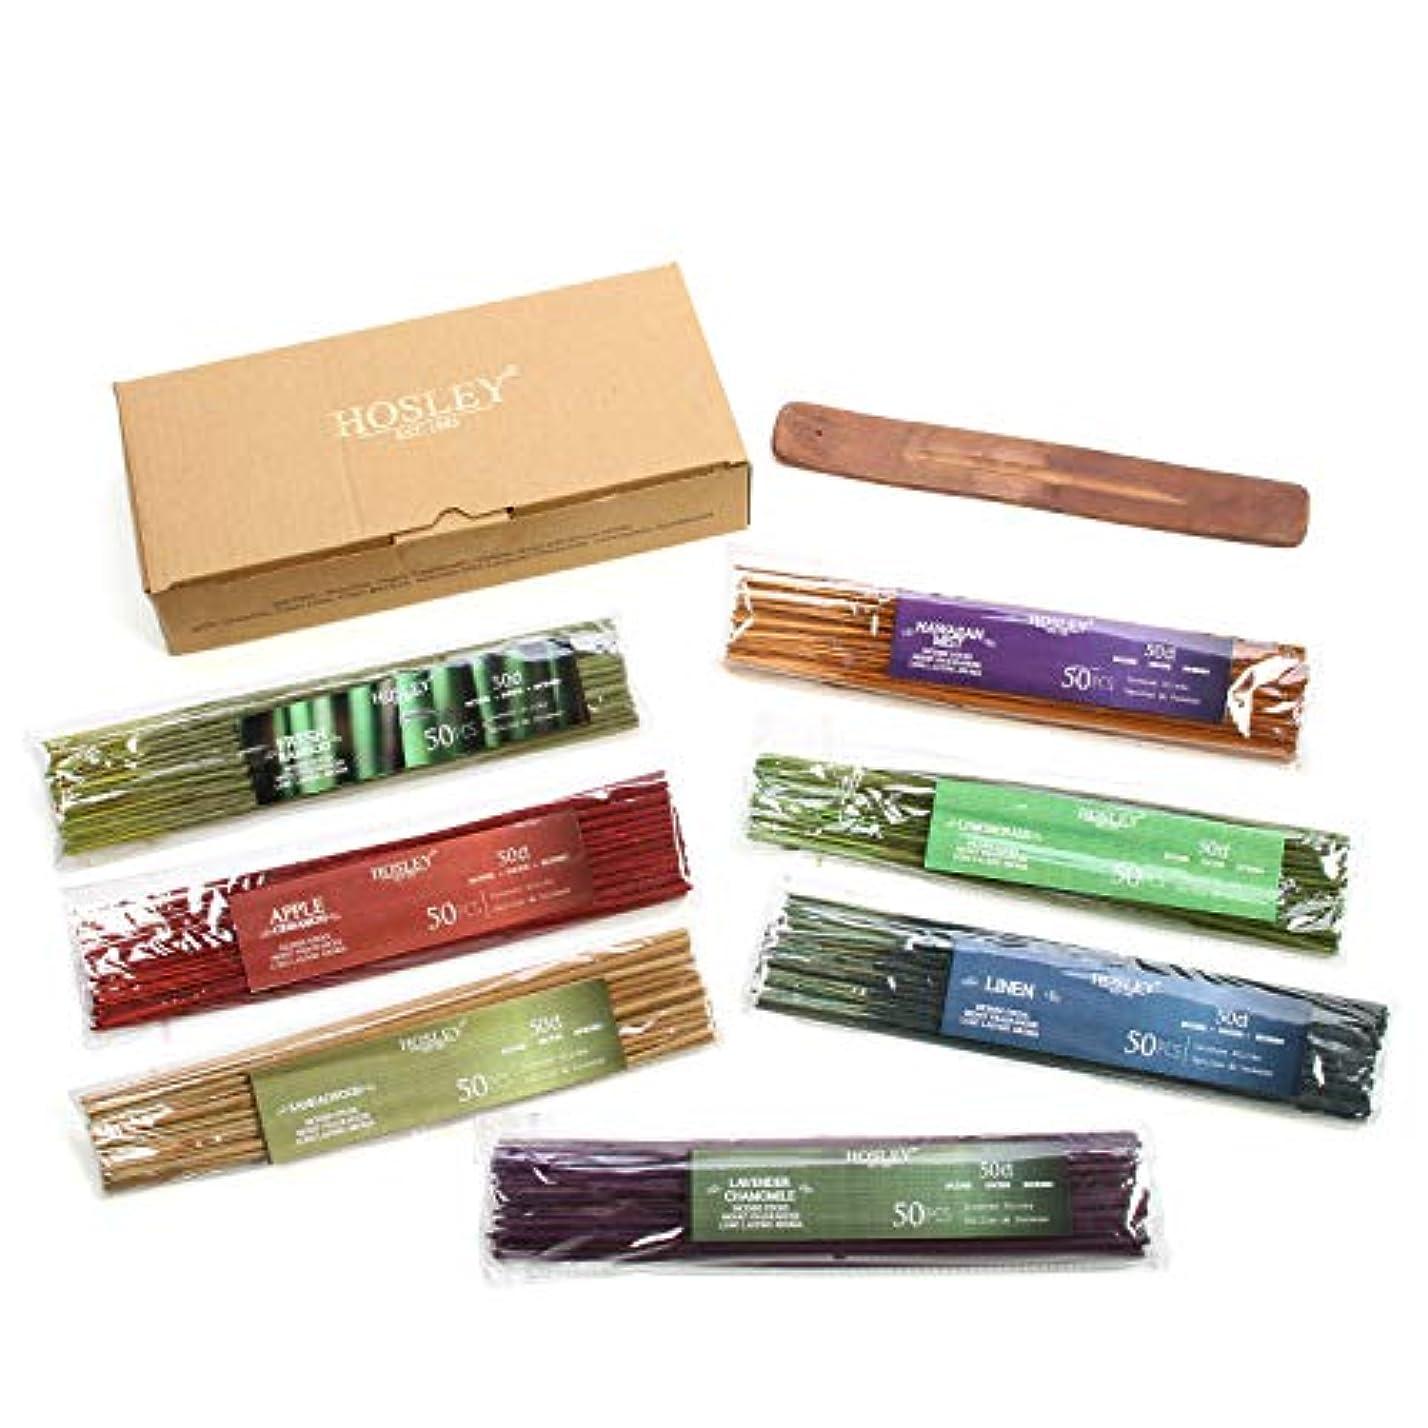 プログレッシブ敬戦争Hosley's Assorted 350 Pack Incense Sticks, Highly Fragrances include: Apple Cinnamon, Hawaiian Mist, Sandalwood...